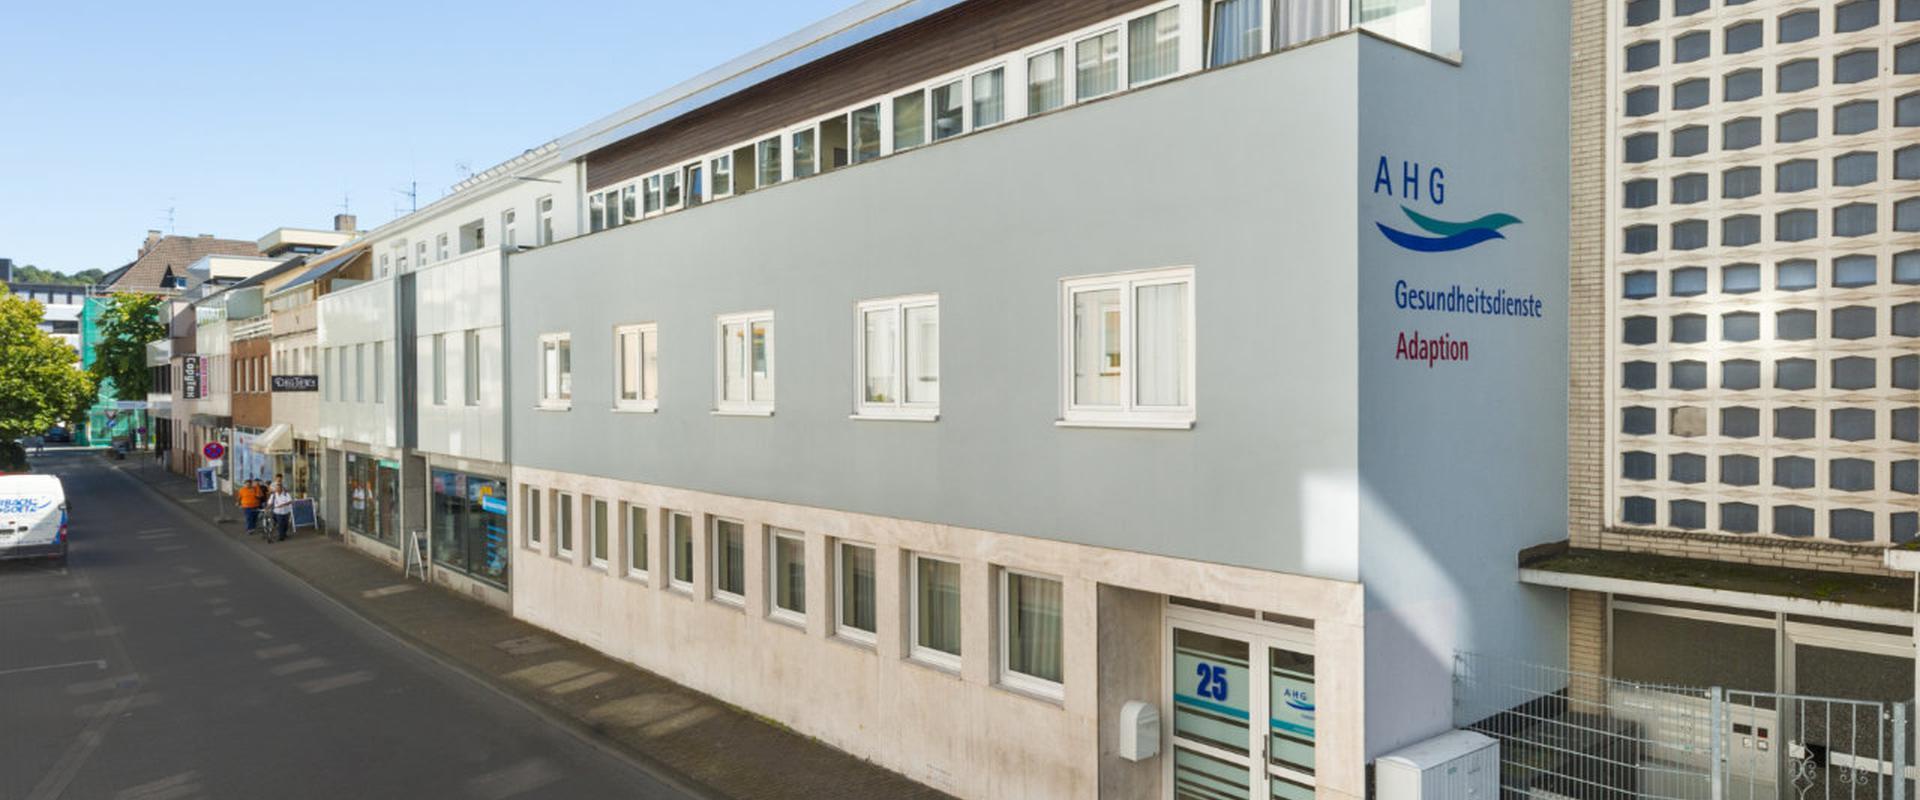 Fassade der MEDIAN Gesundheitsdienste Koblenz